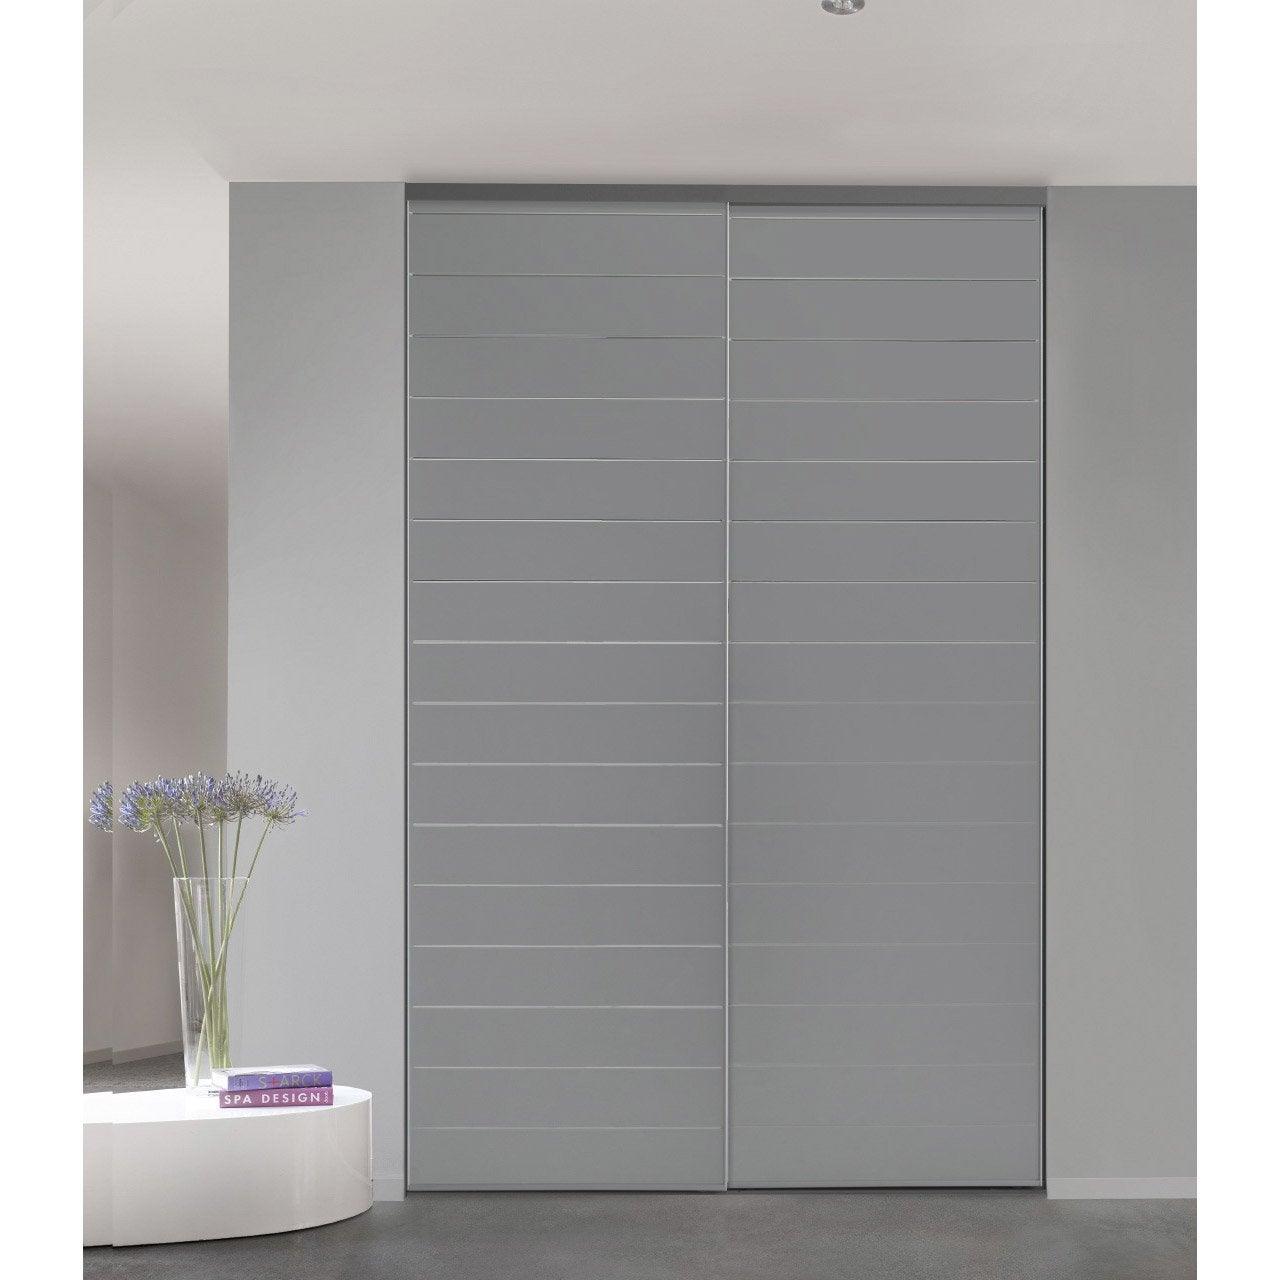 Placard exterieur castorama id e inspirante pour la conception de la maison for Placard exterieur